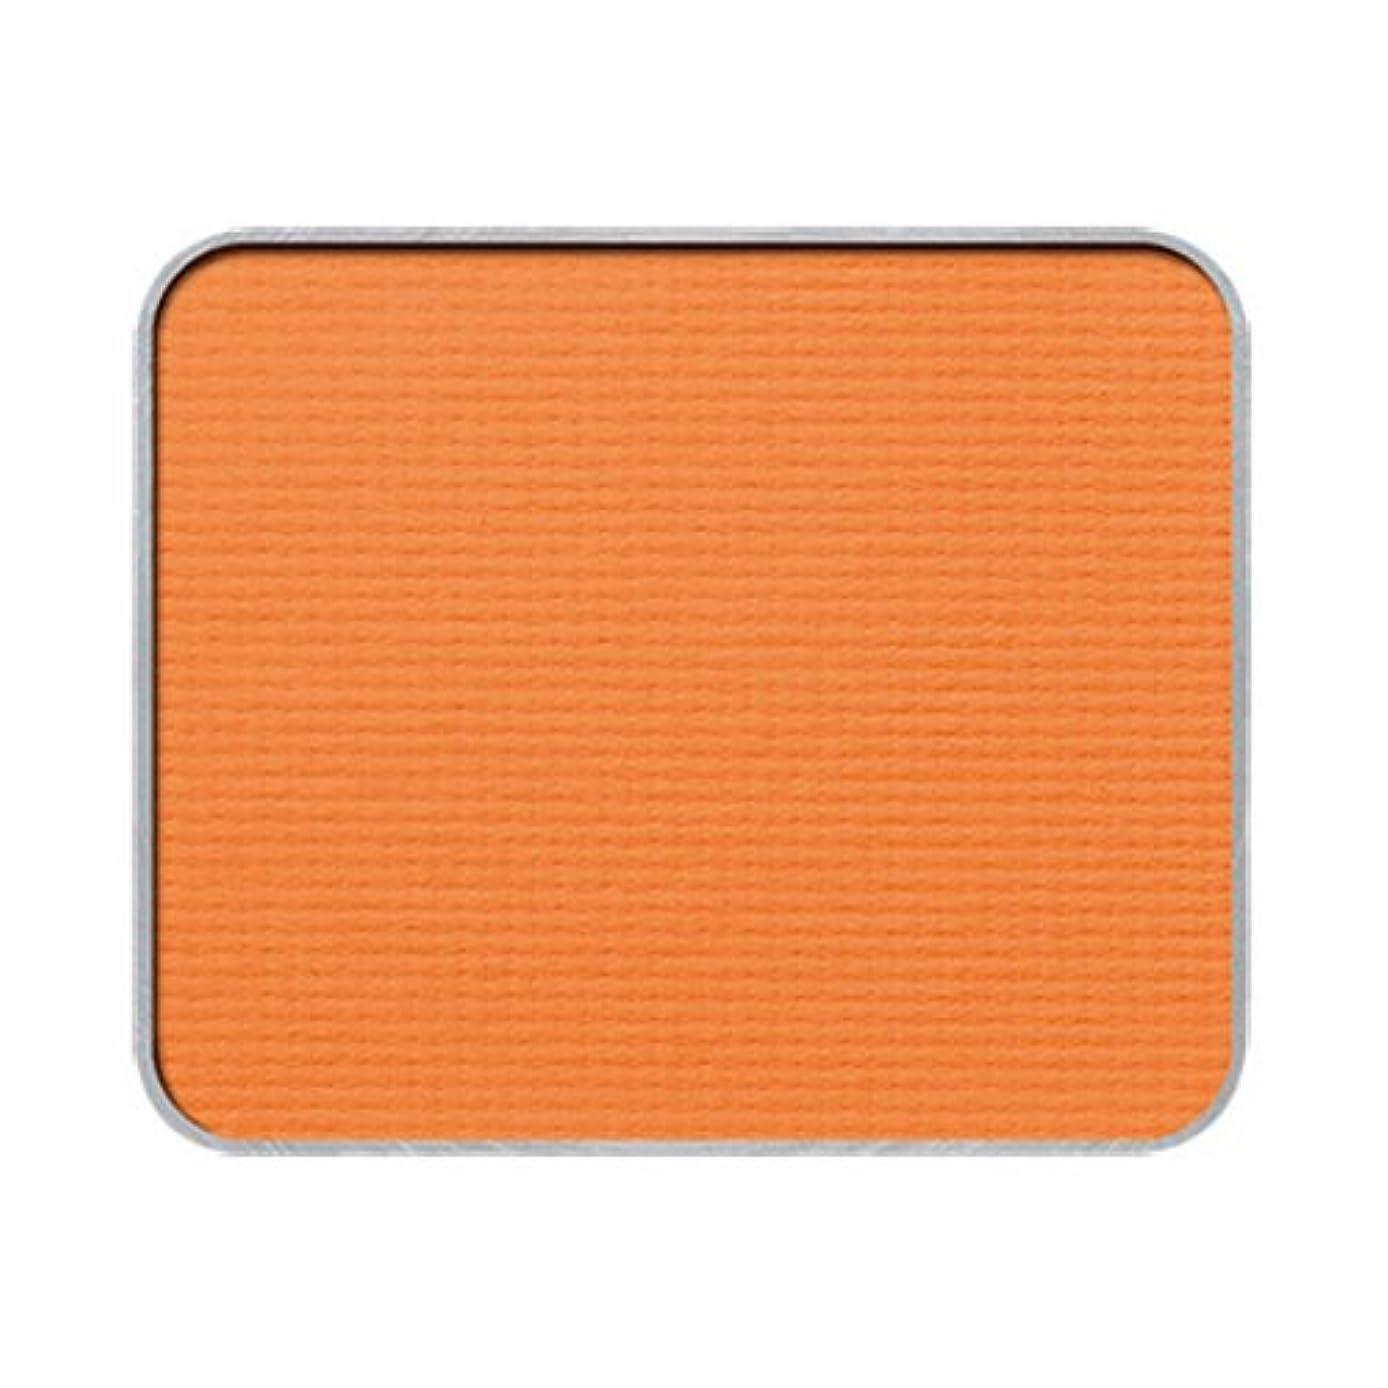 海岸ブルゴーニュお金ゴムプレスド アイシャドー (レフィル) M オレンジ 250